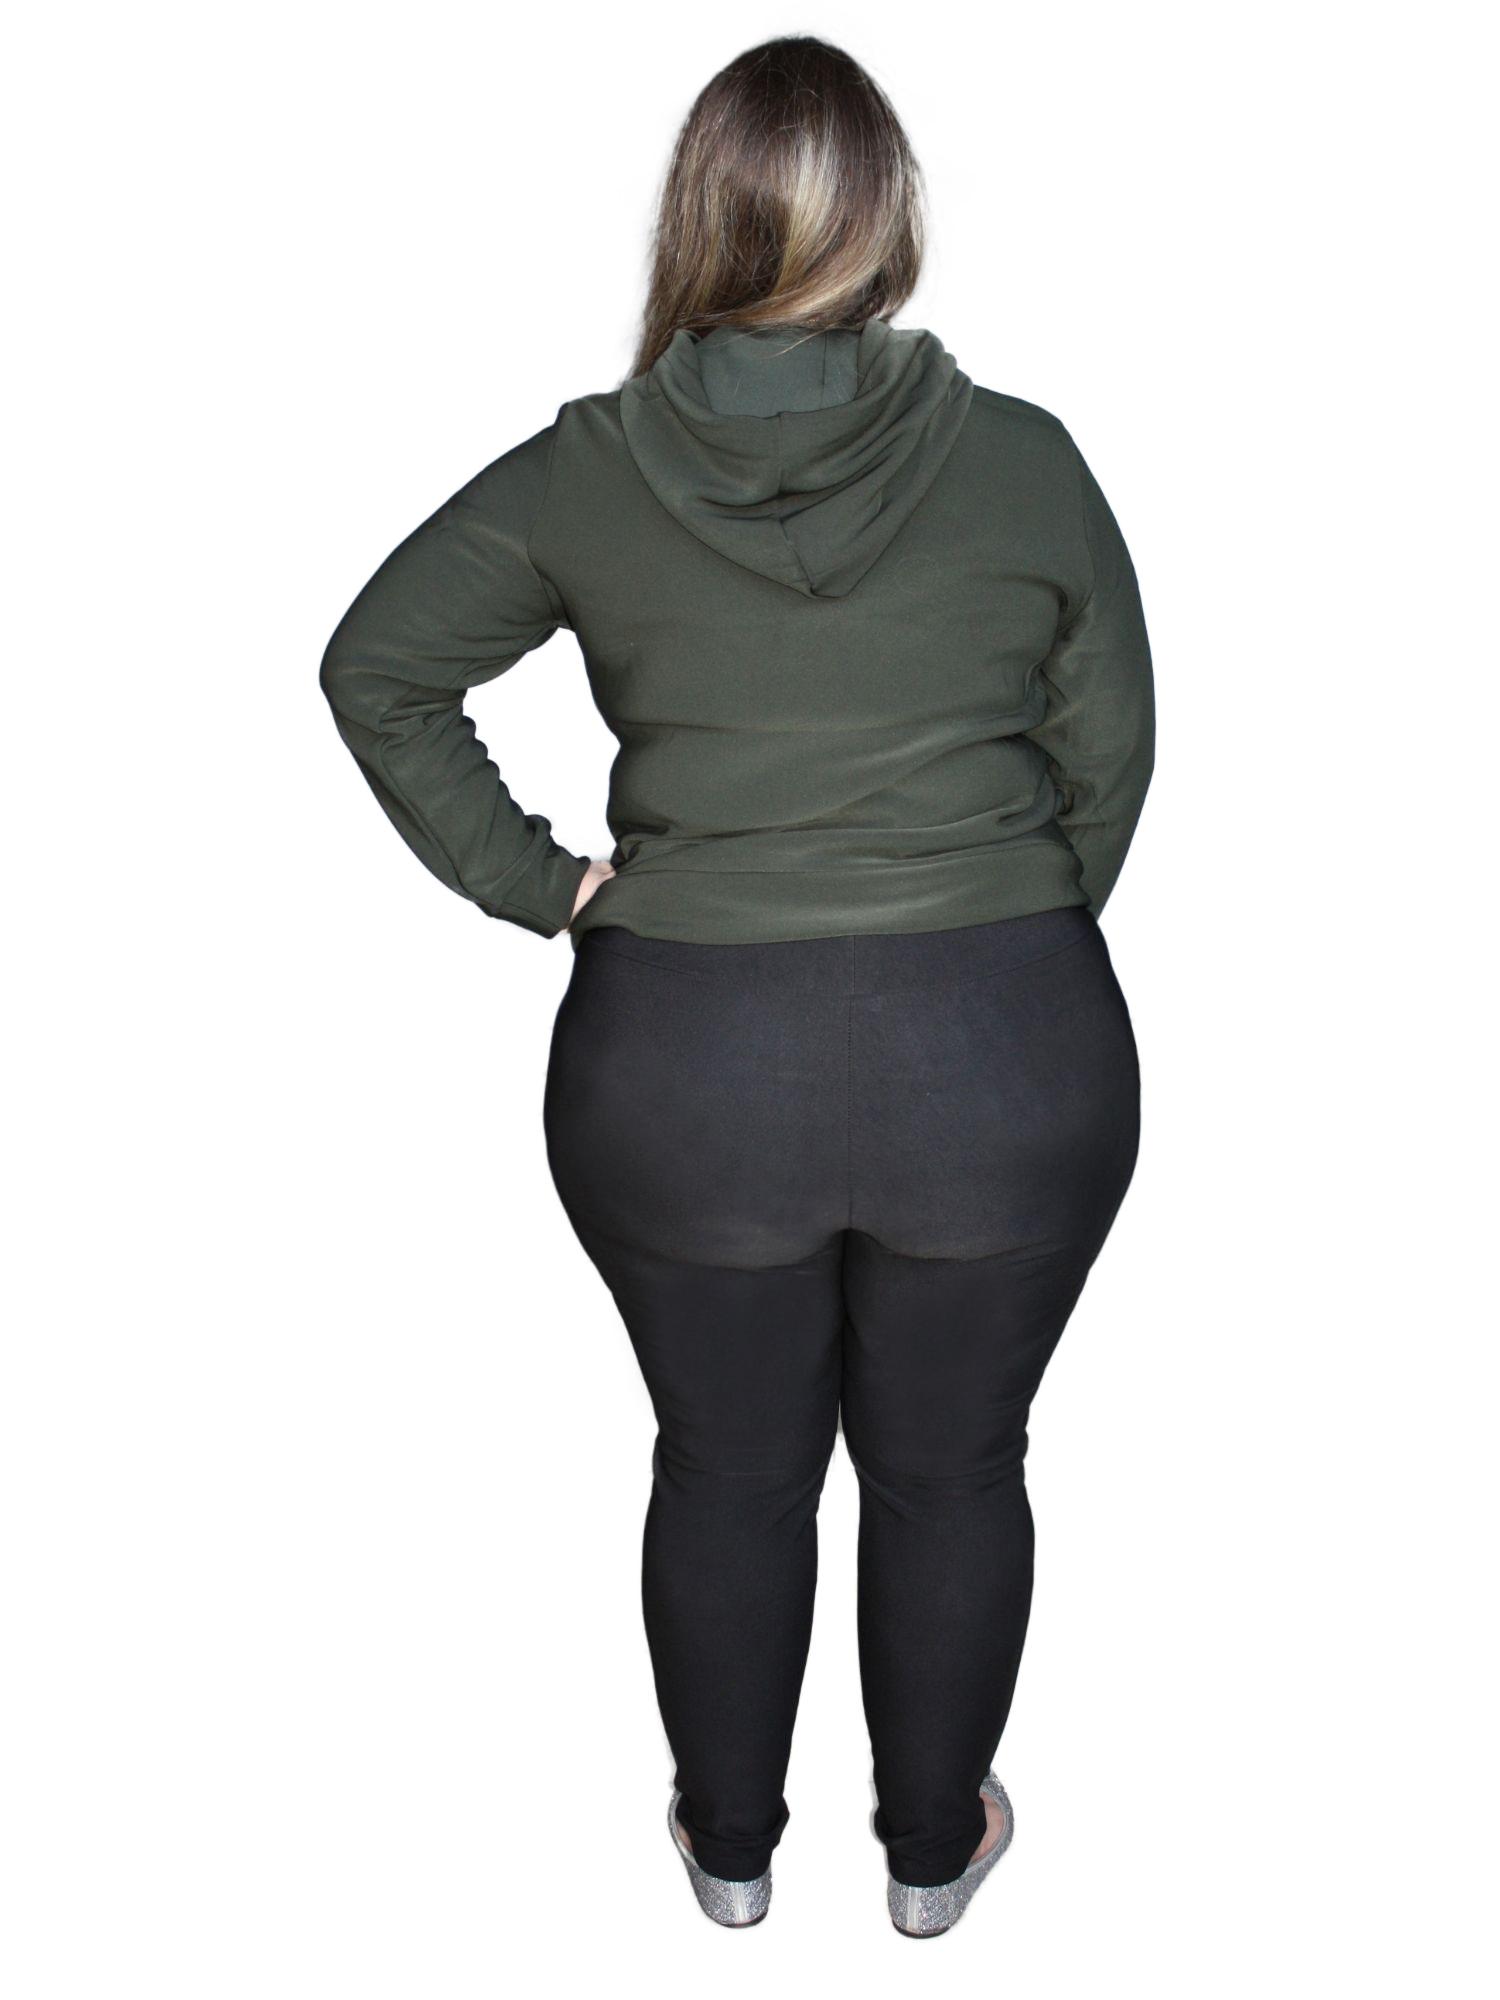 Calça Feminina Plus Size 248027